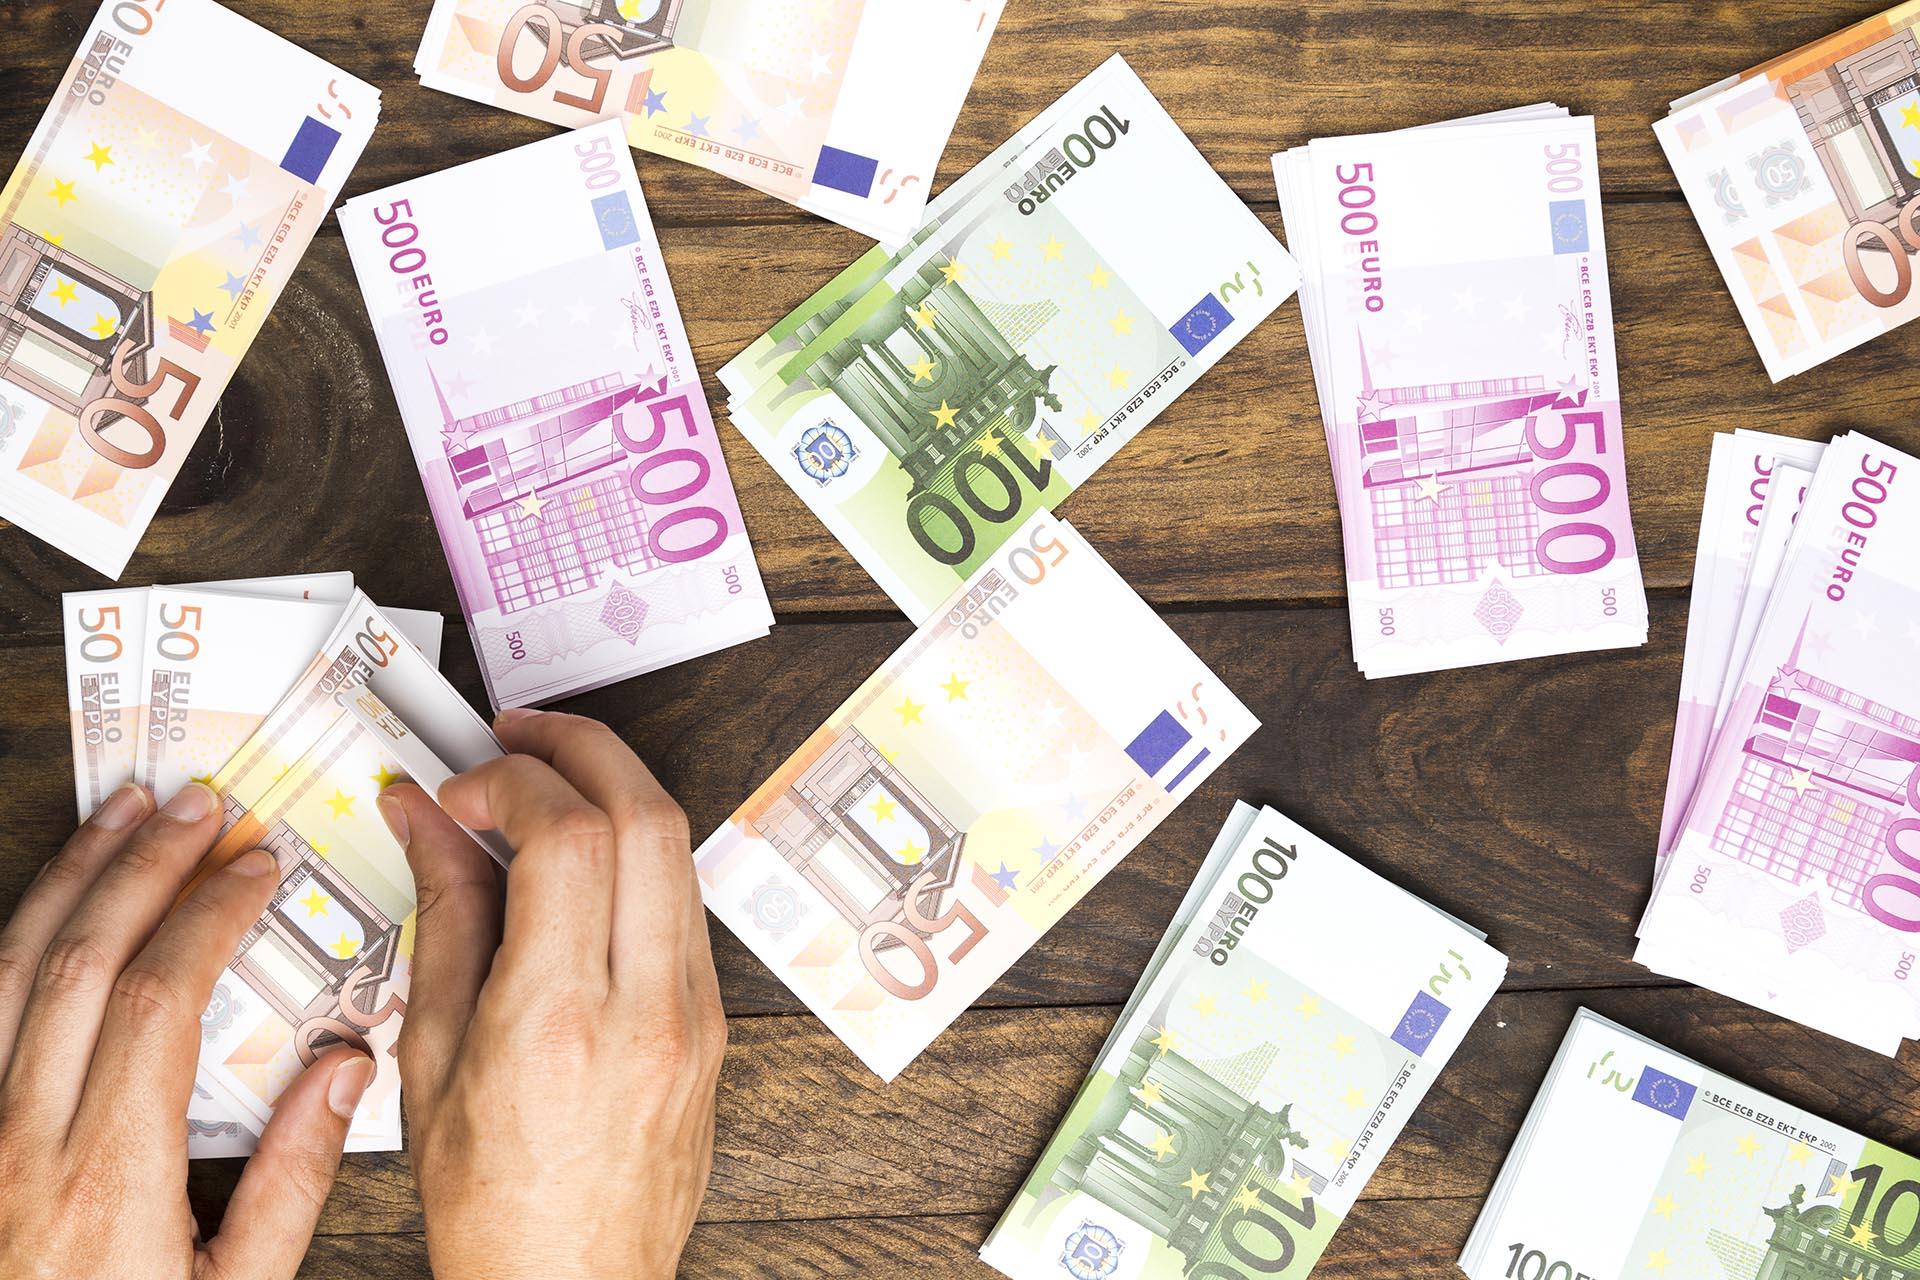 Ľudia si zaslúžia viac, ak sa ekonomike darí, nielen populisticky pred voľbami!